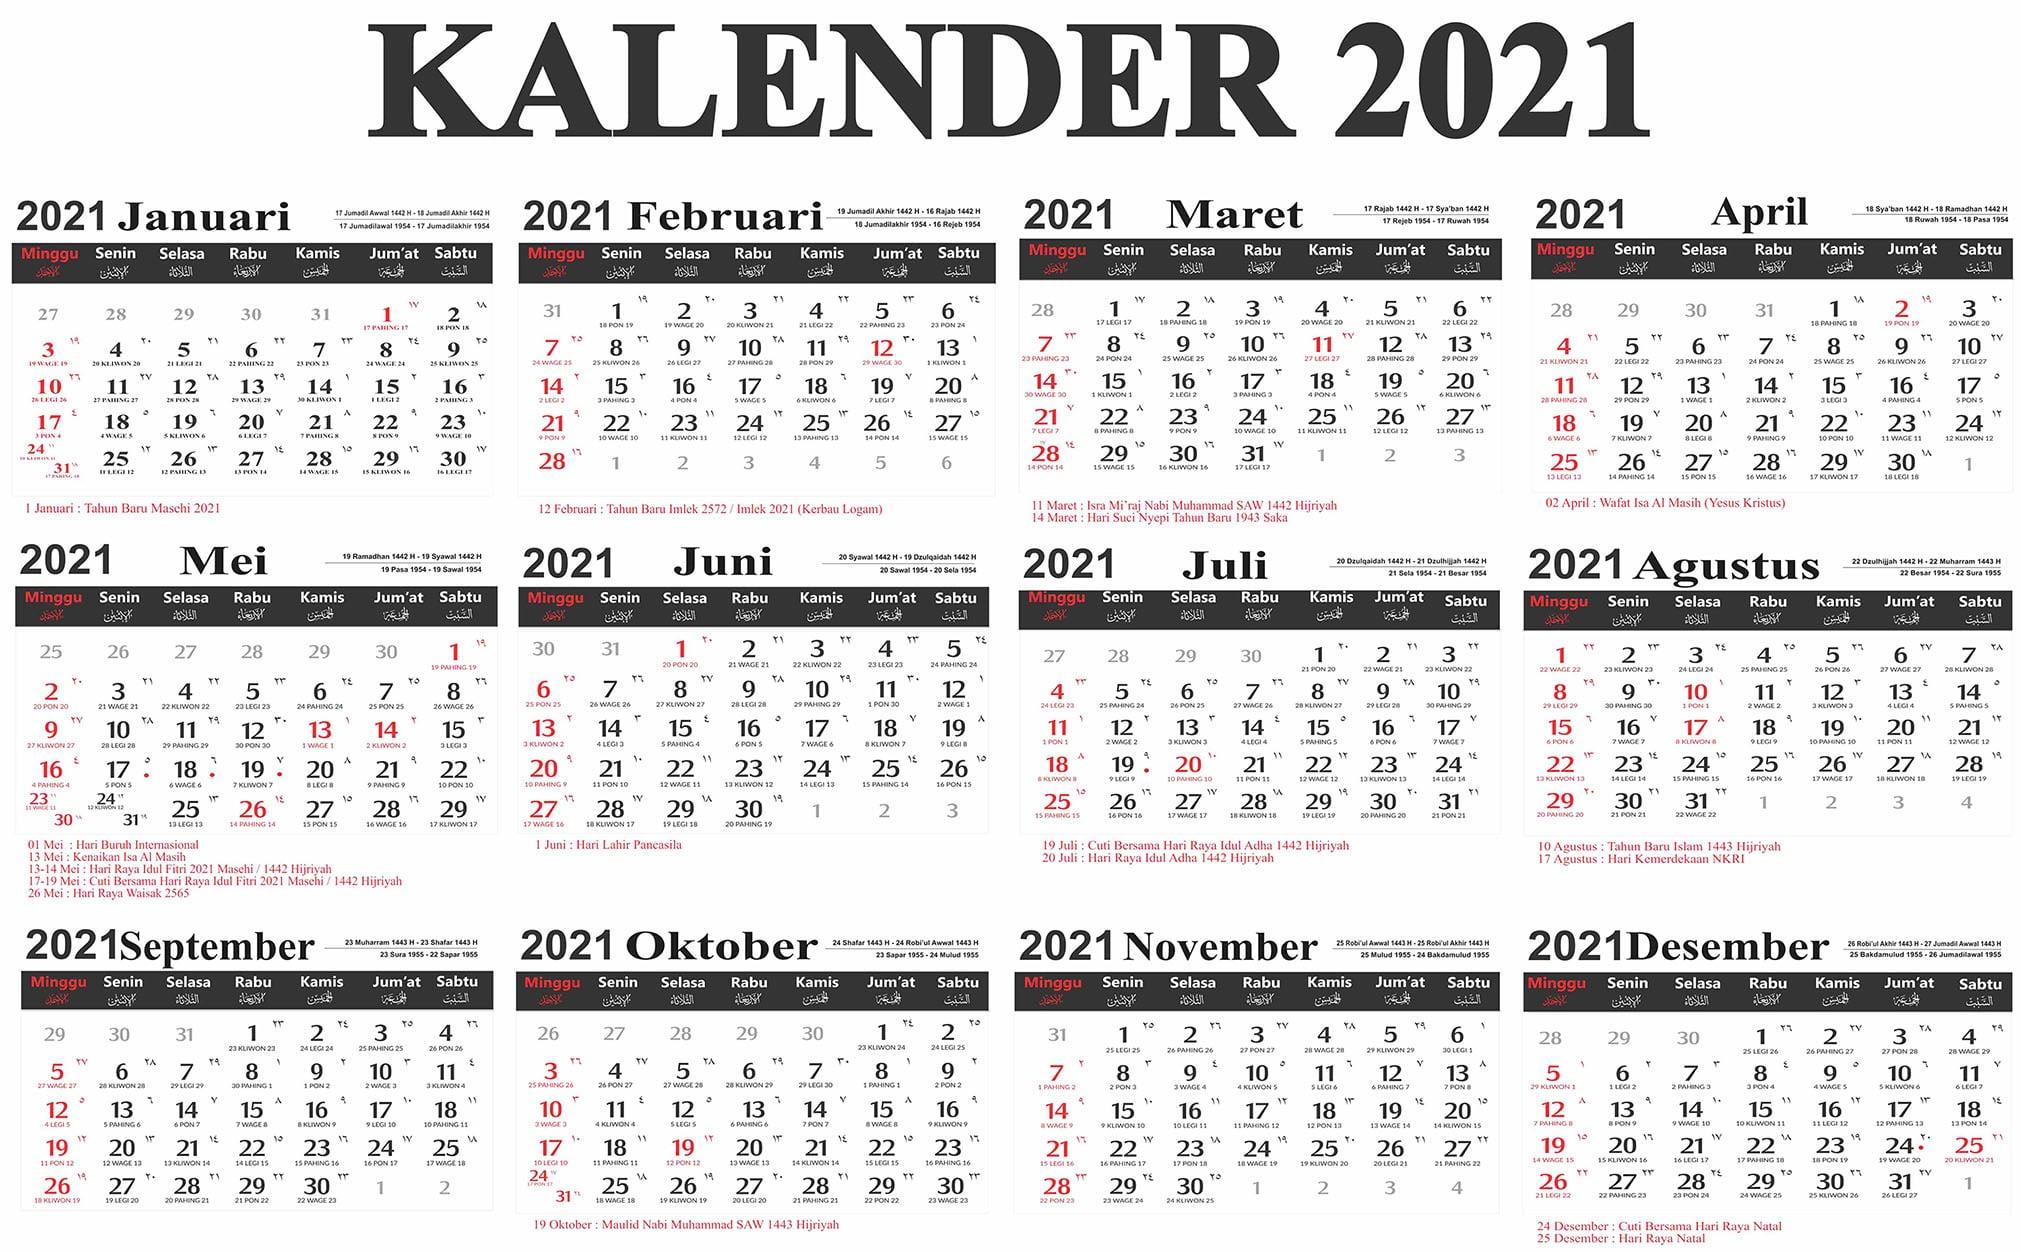 Kalender Tahun 2021 Indonesia Lengkap Dengan Hari Libur Nasional